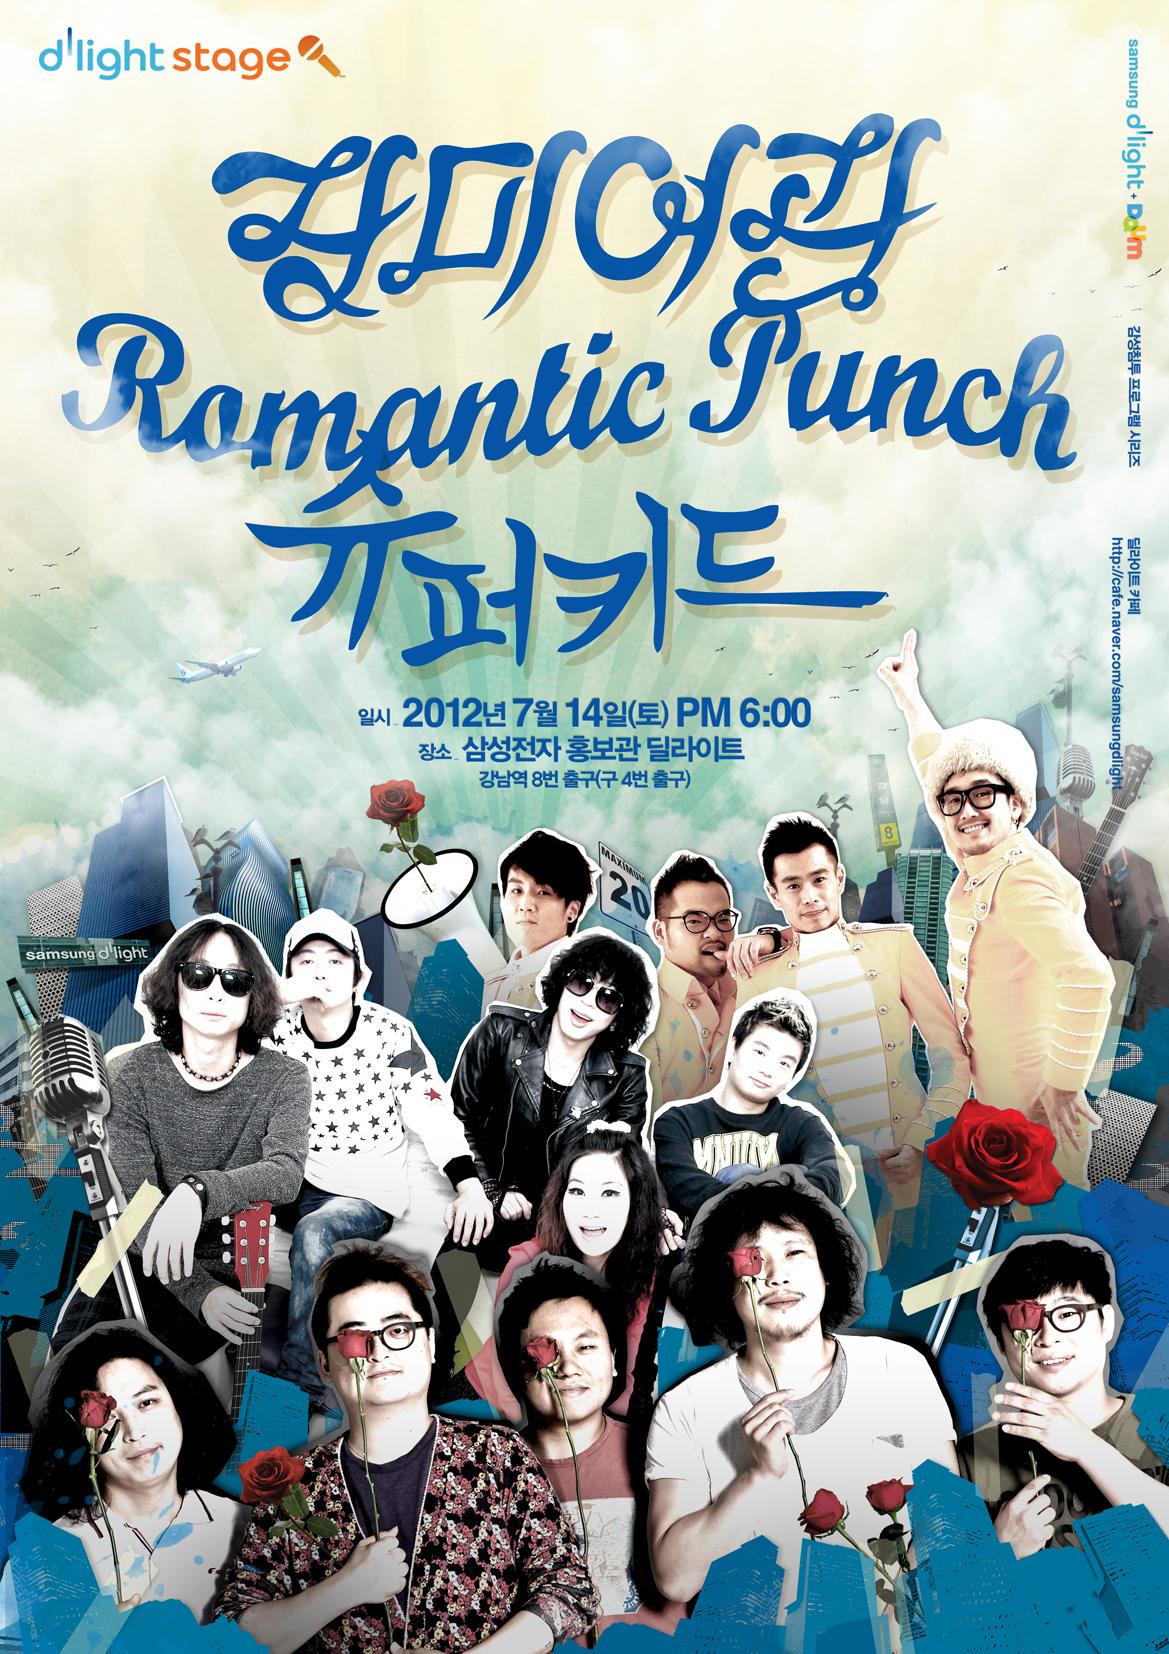 장미여관 Romantic Punch 슈포키드 일시 2012년 7월 14일(토) PM 6:00 장소 삼성전자 홍보관 딜라이트 강남역 8번 출구(구 4번 출구)